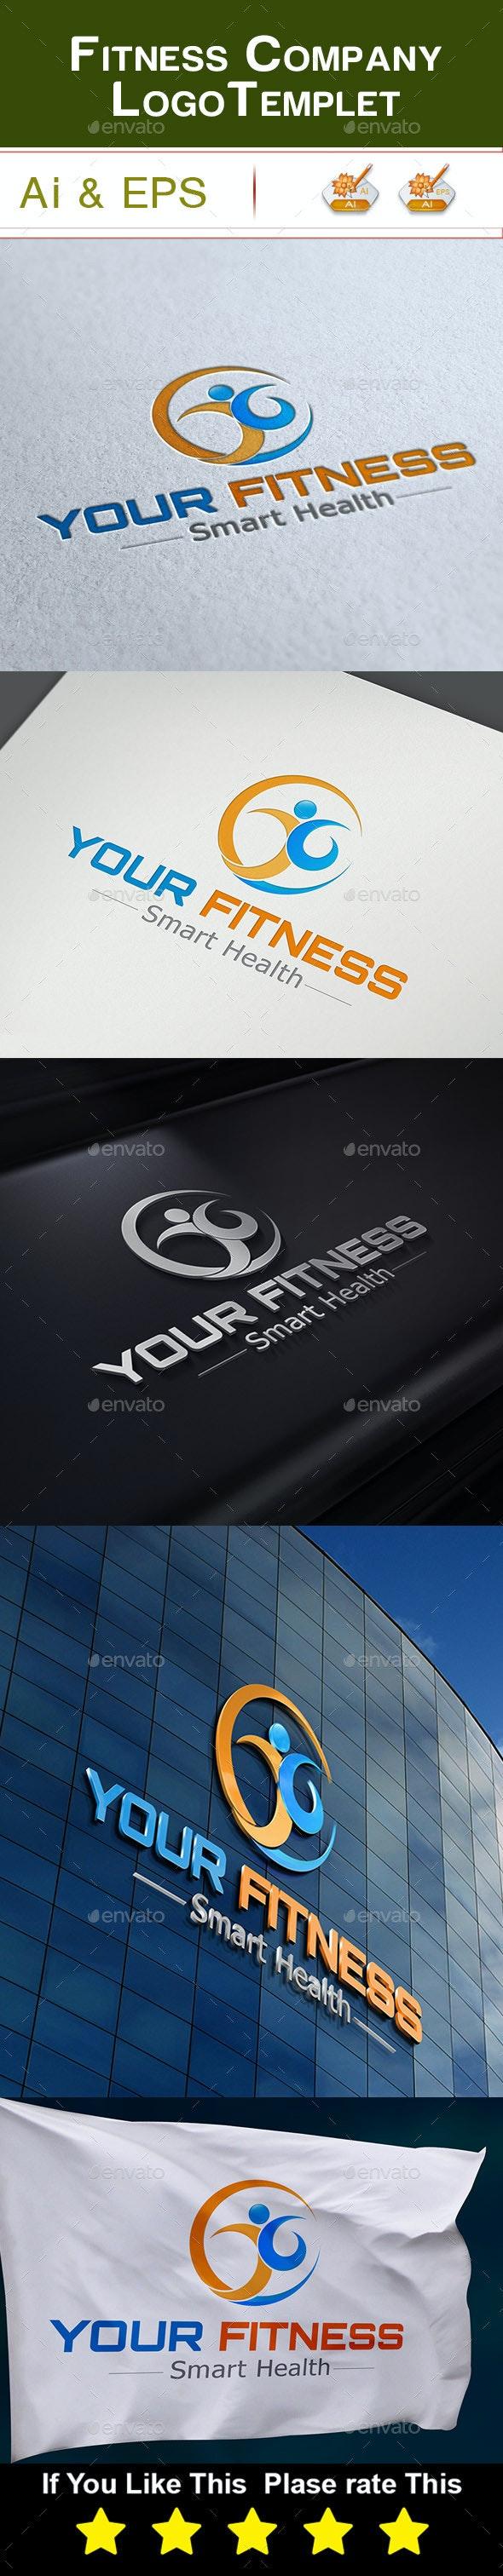 Fitness Company Logo - Company Logo Templates